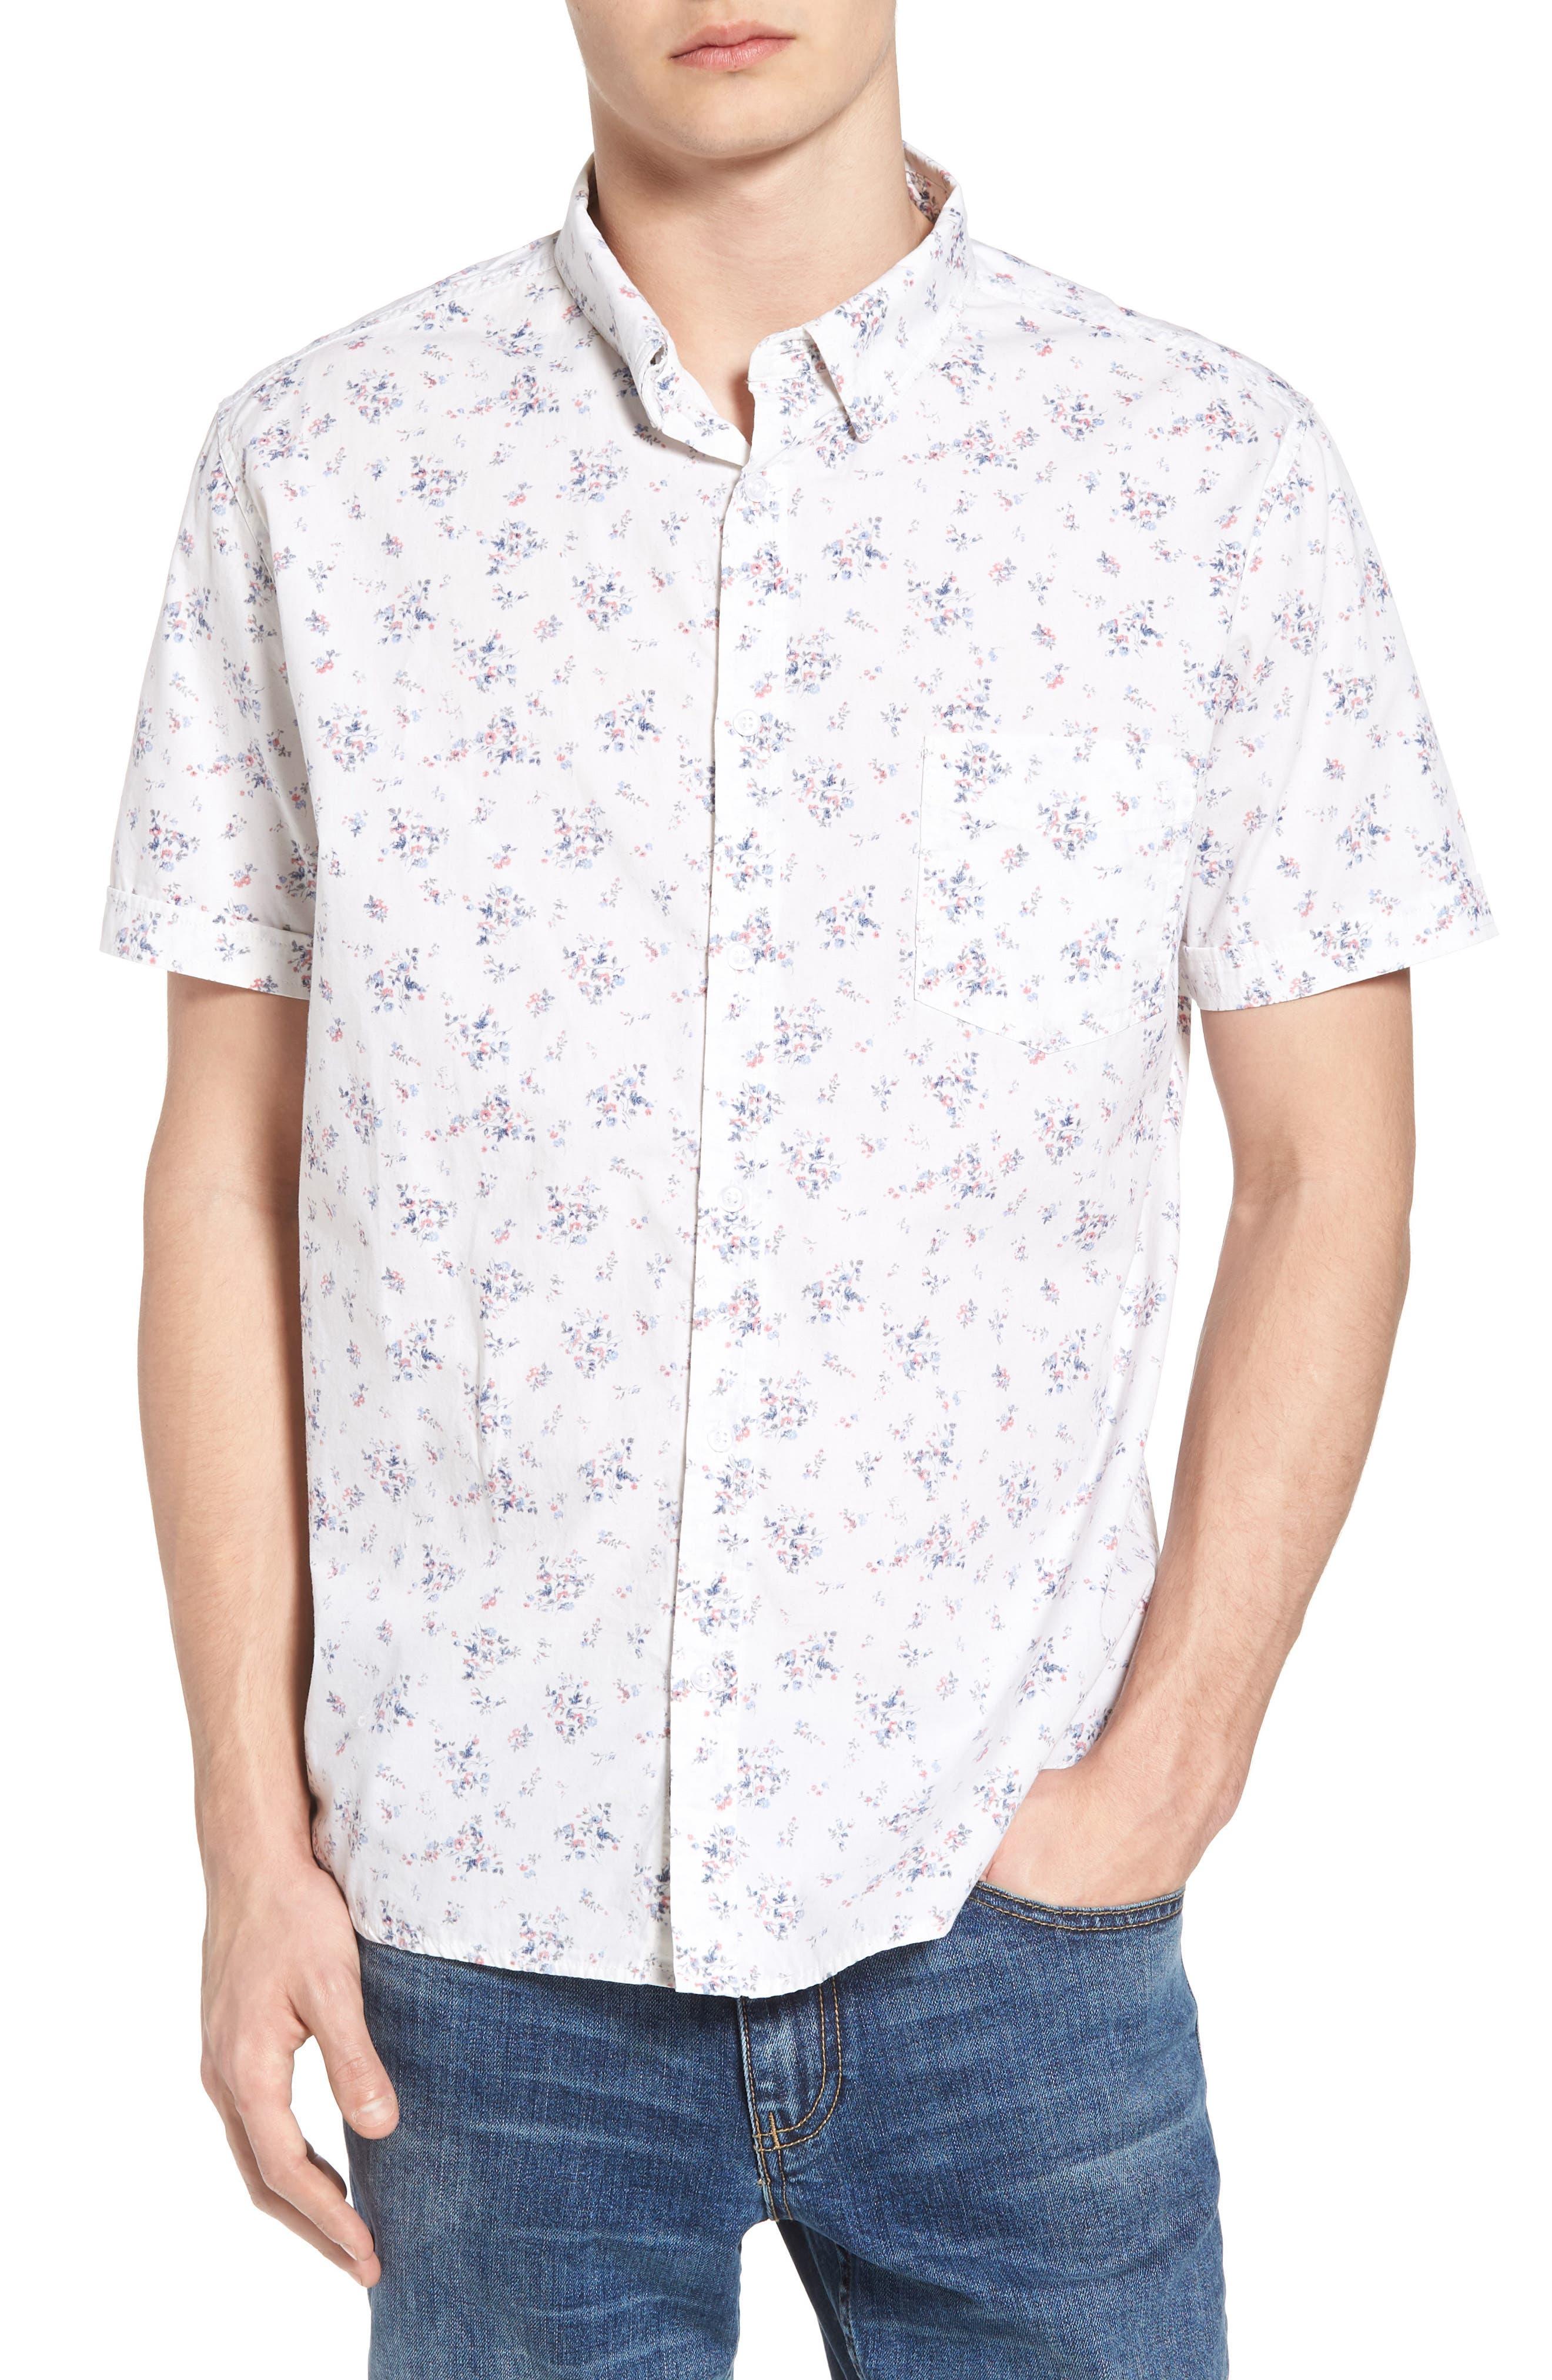 Carson Slim Fit Floral Print Sport Shirt,                         Main,                         color, 100